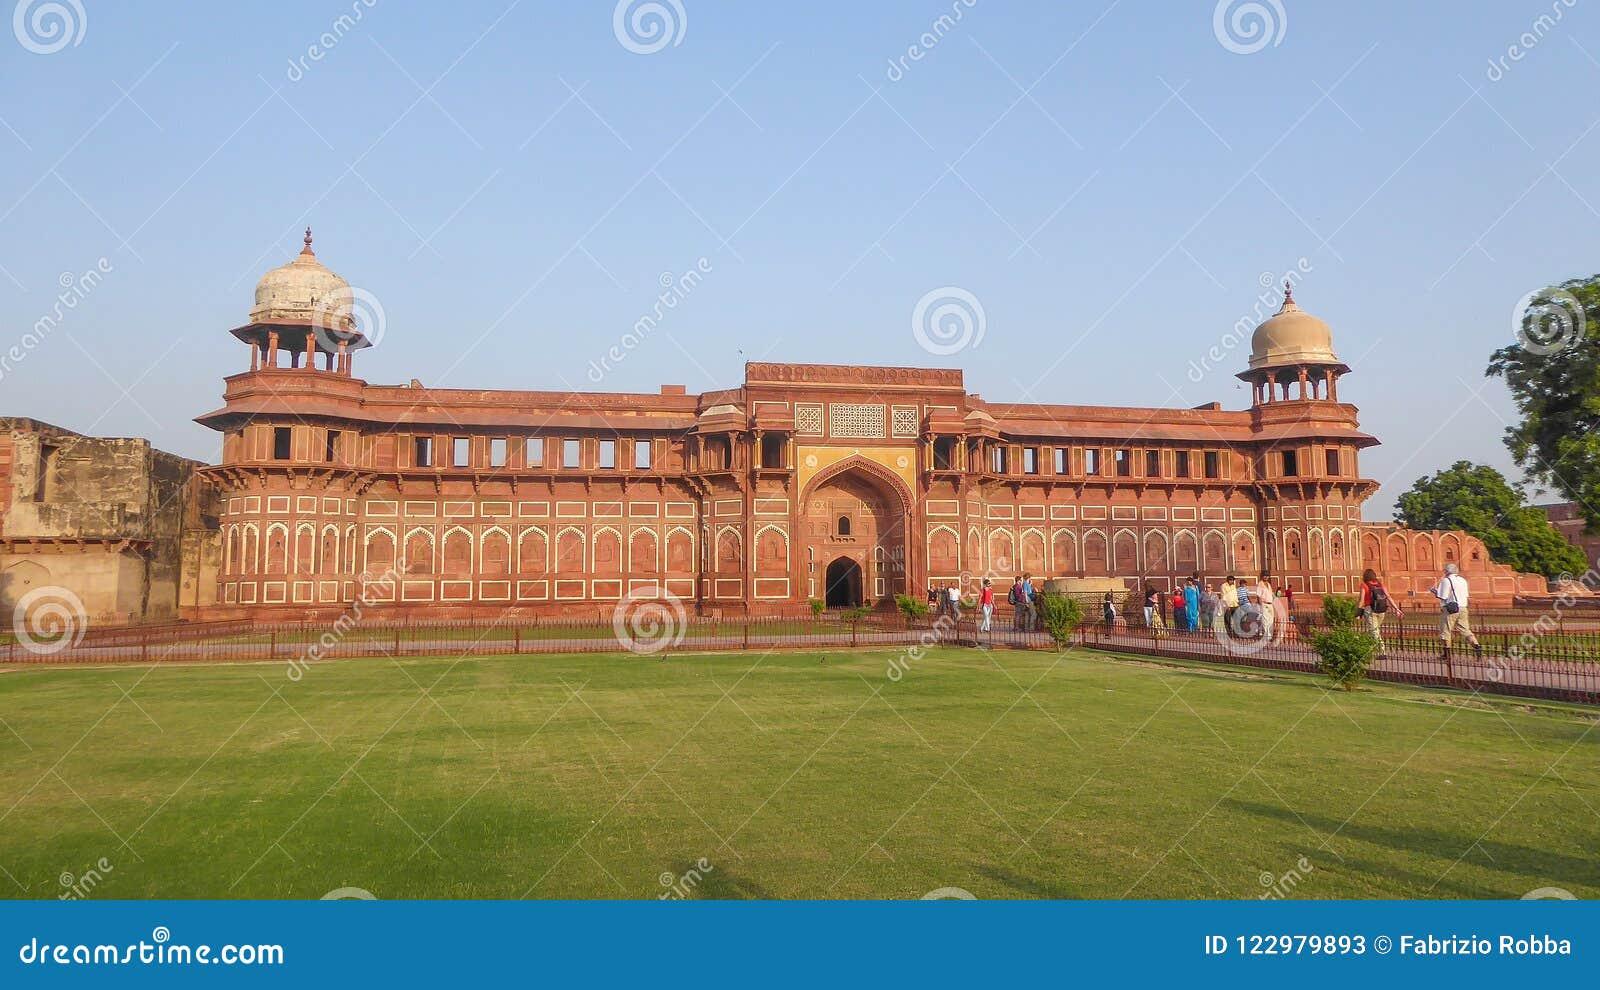 Das Agra-Fort ist eine UNESCO-Welterbestätte, die in Agra, Indien gelegen ist